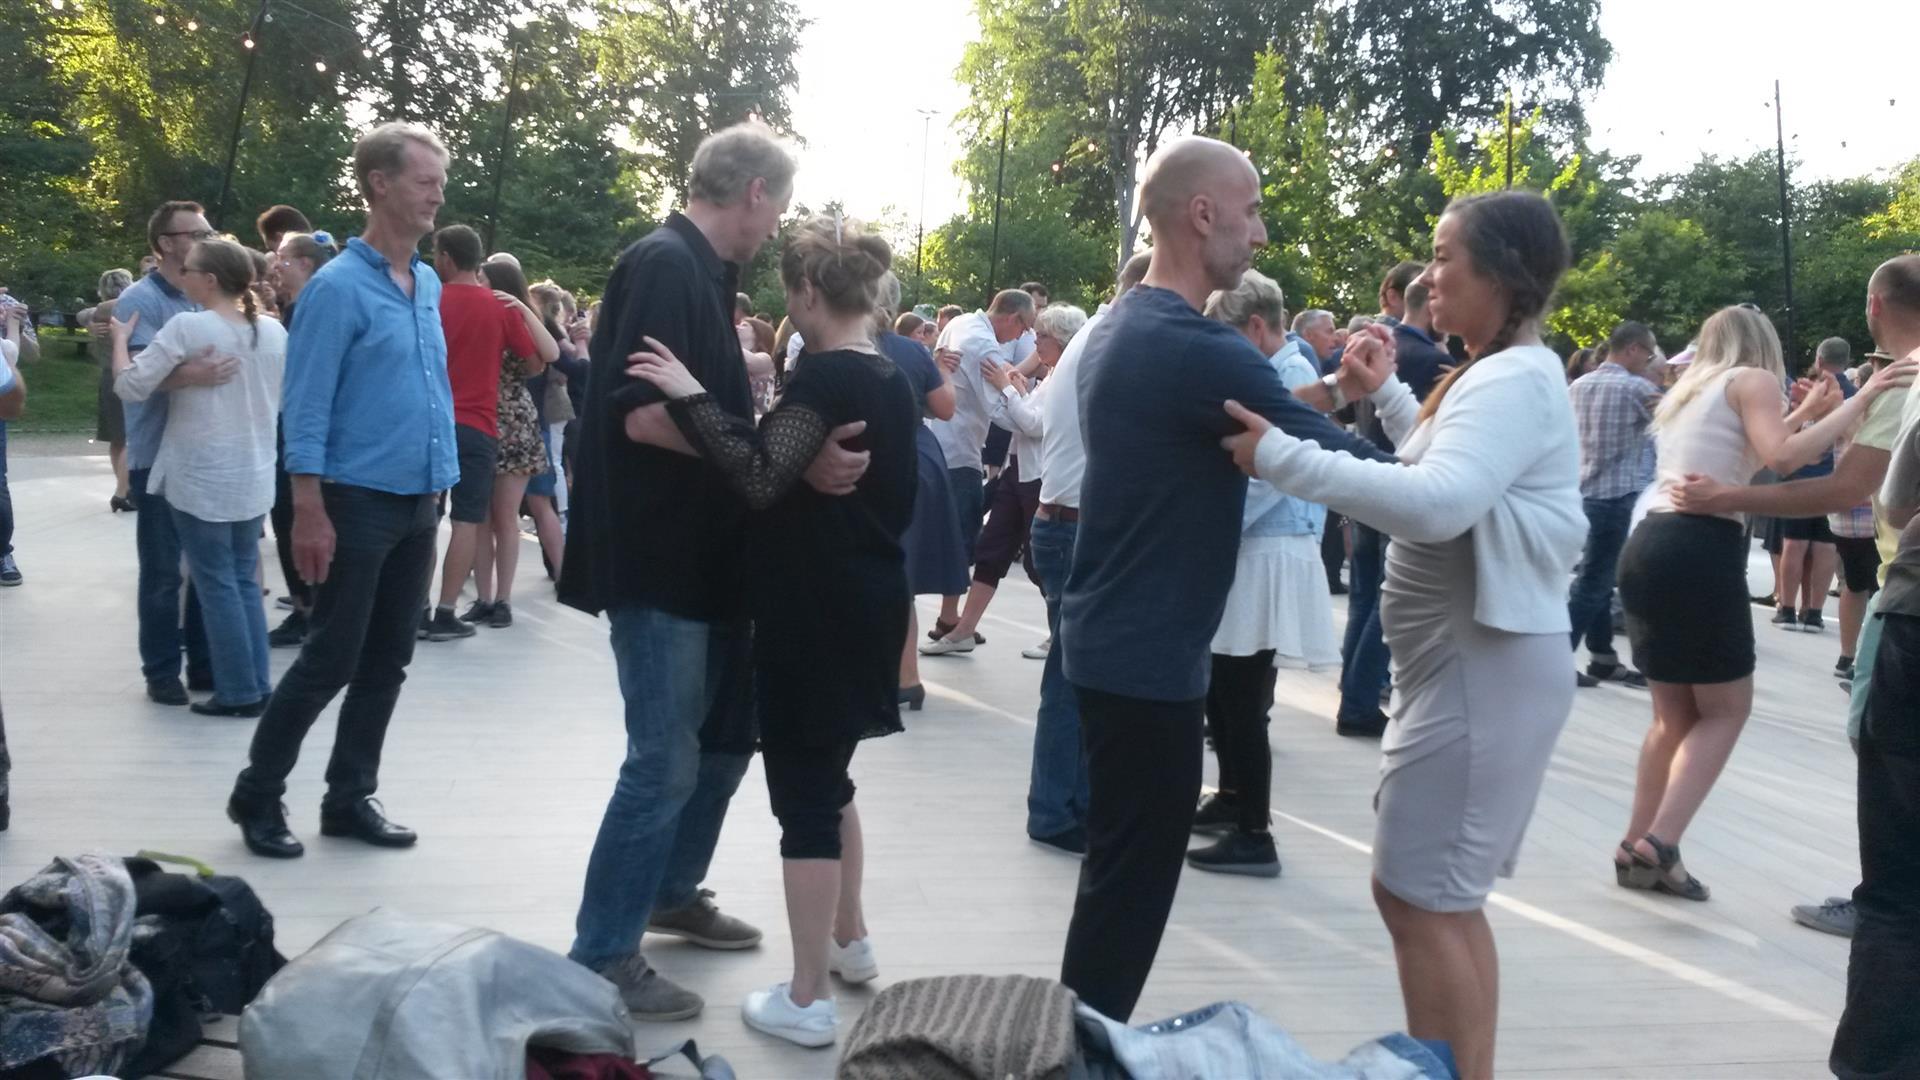 מוזיקה לריקודים בפארקים של קופנהגן